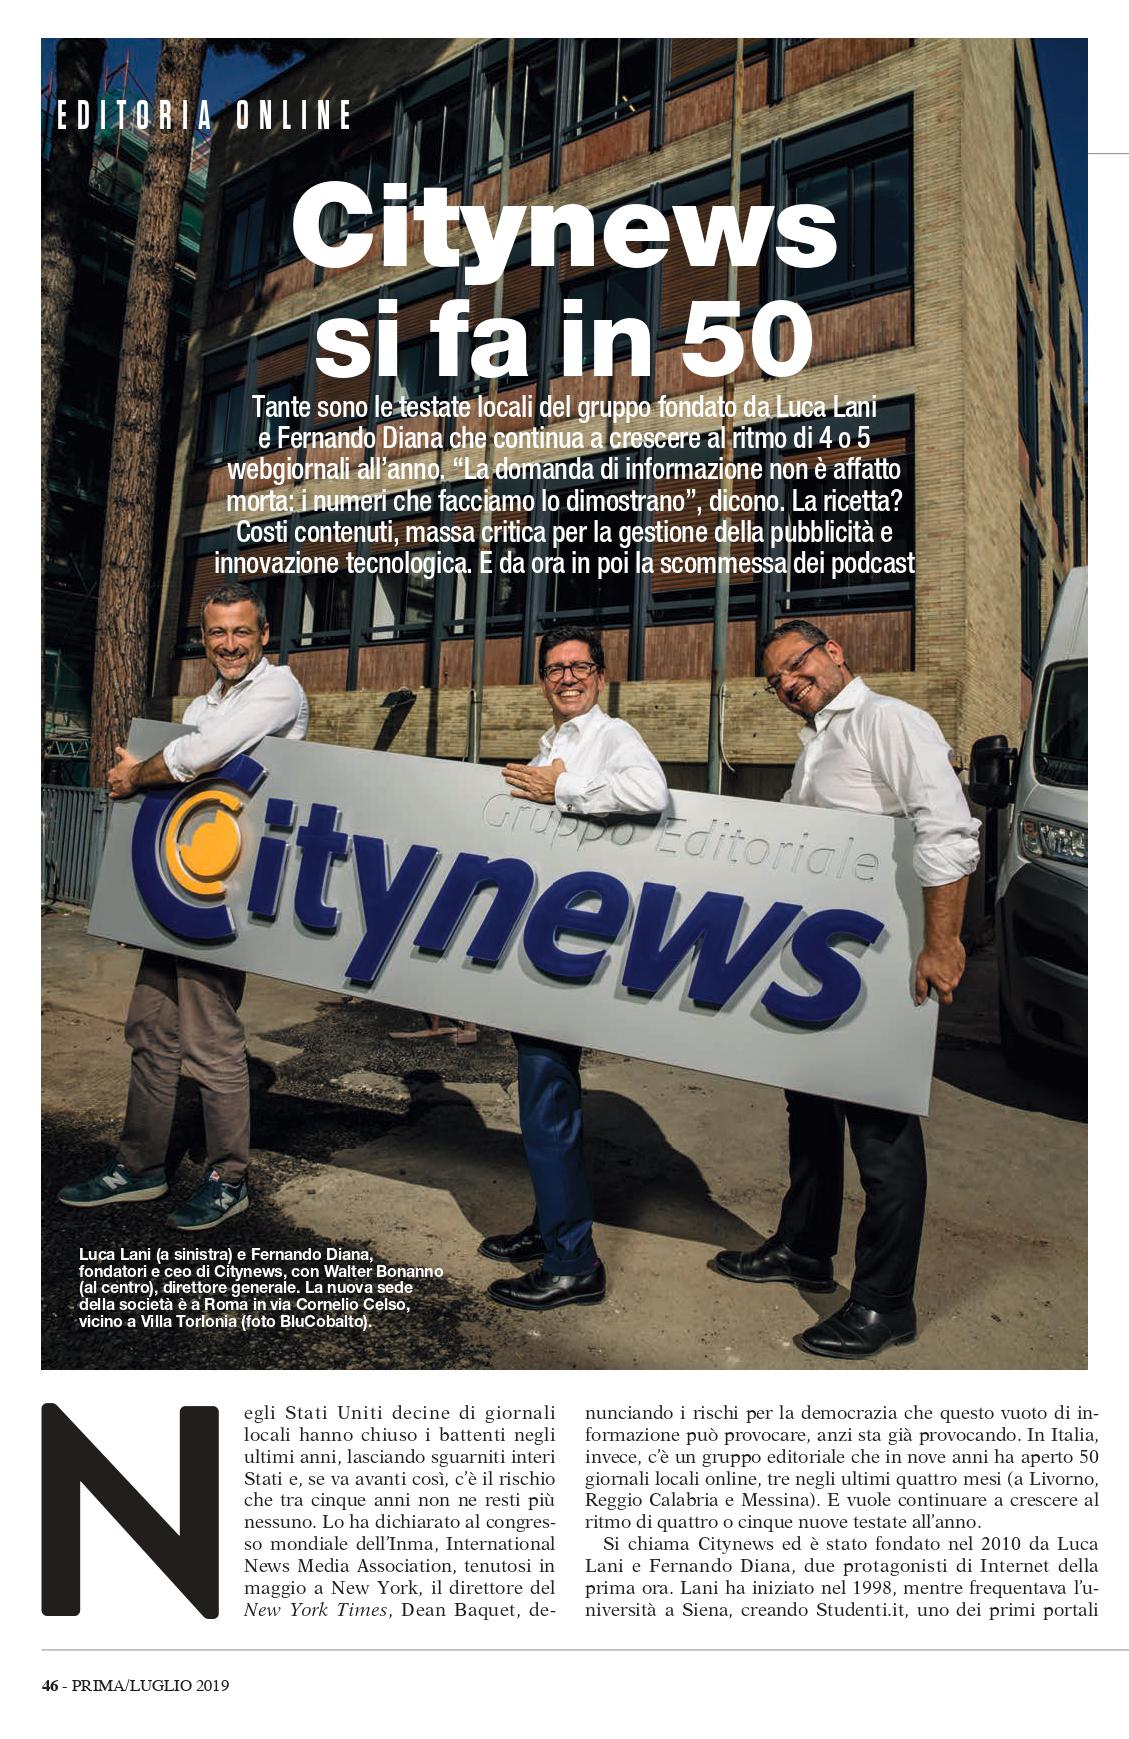 Citynews si fa in 50 - Prima Comunicazione, Luglio 2019 1-2